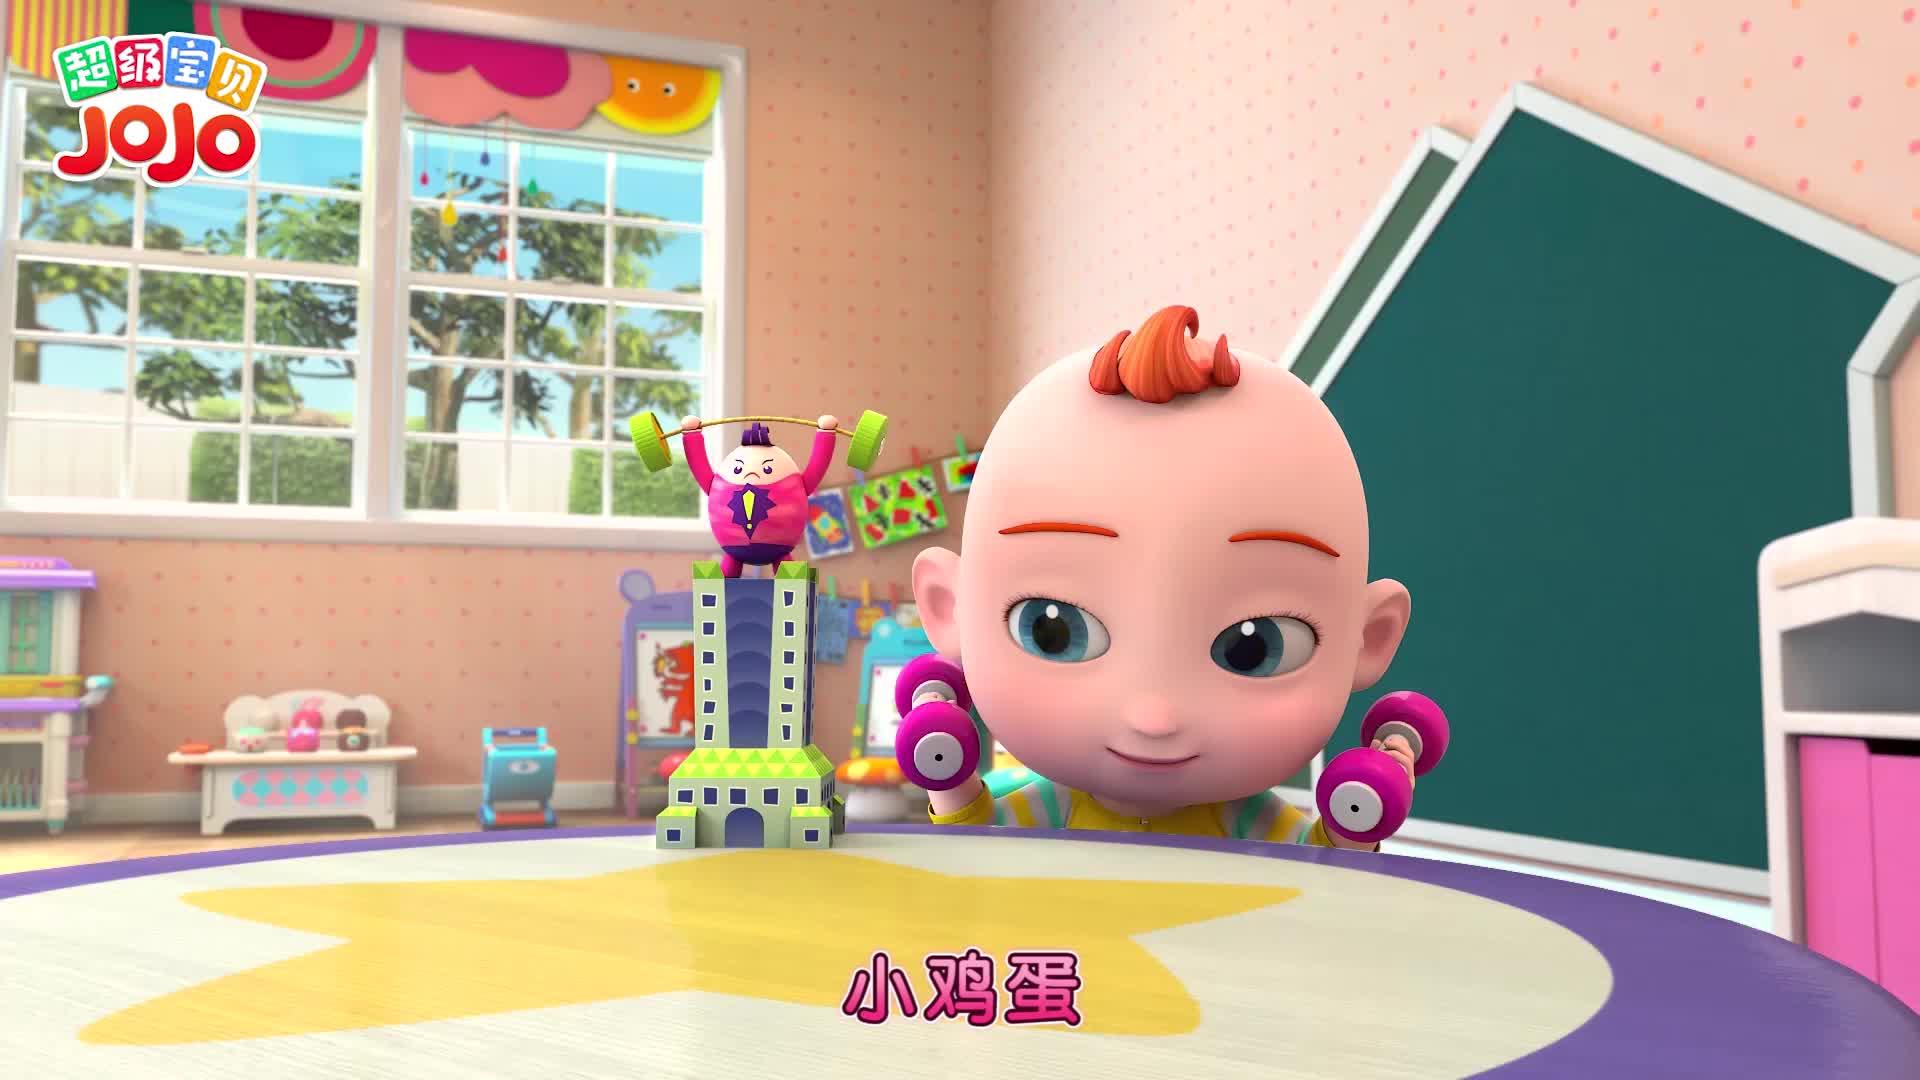 超级宝贝JOJO 第28集 宝宝玩创意鸡蛋